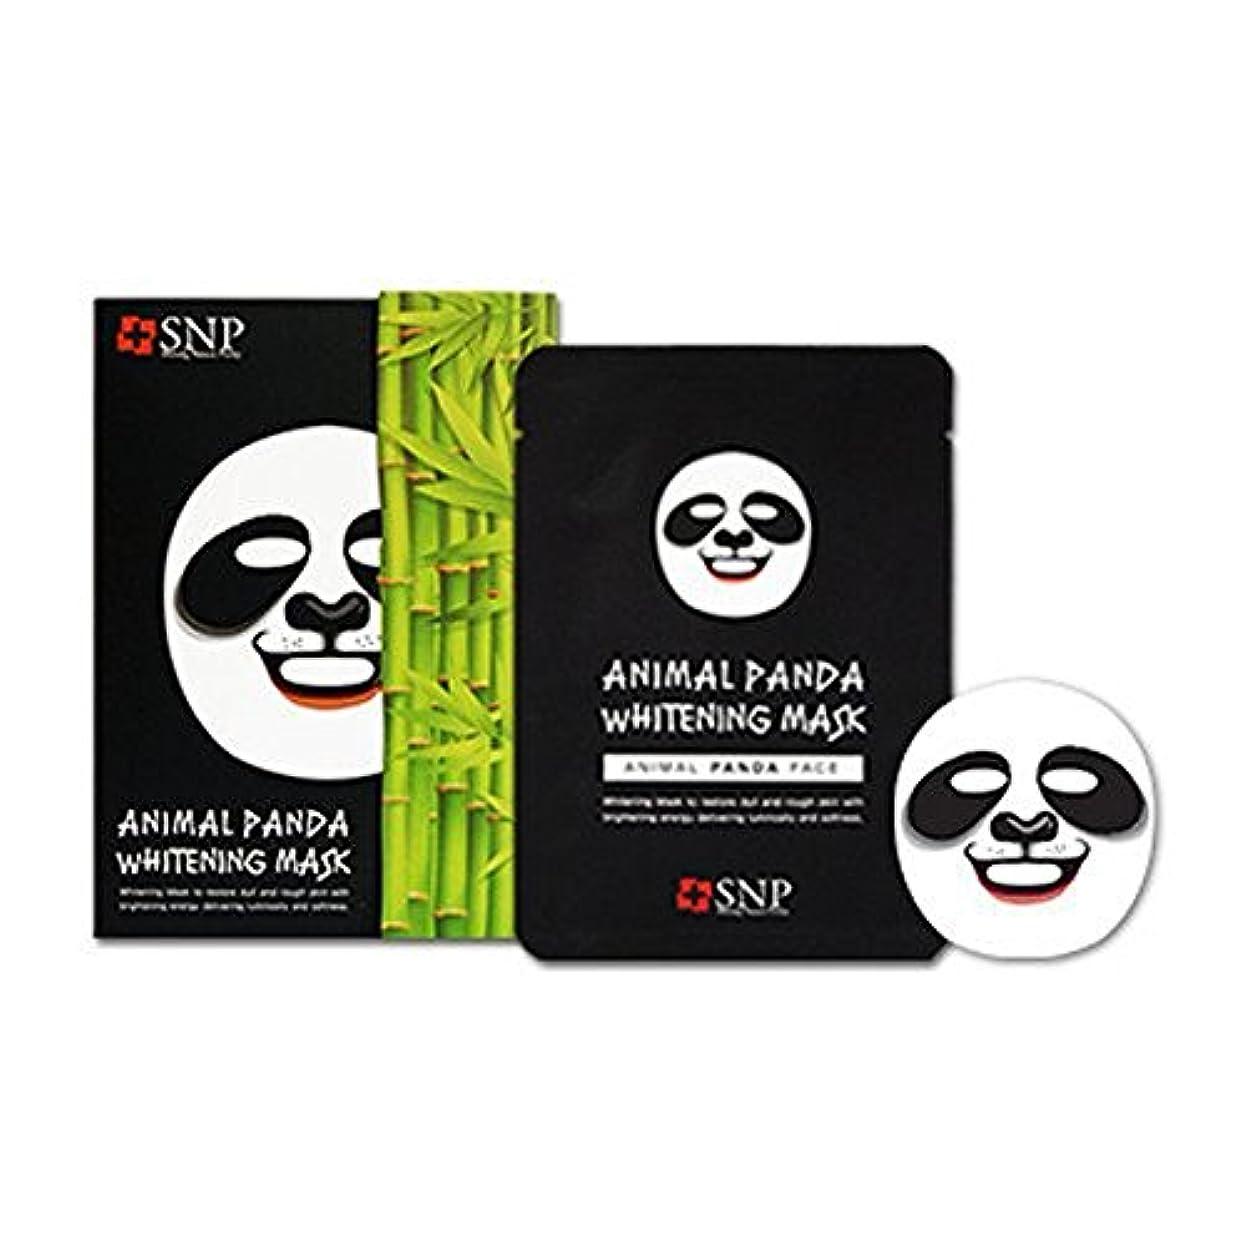 装置グローブ驚くばかりSNP エスエンピ 動物マスクシート 10枚入り1box (Animal Mask 10 sheet) 海外直送品 (パンダ Panda)